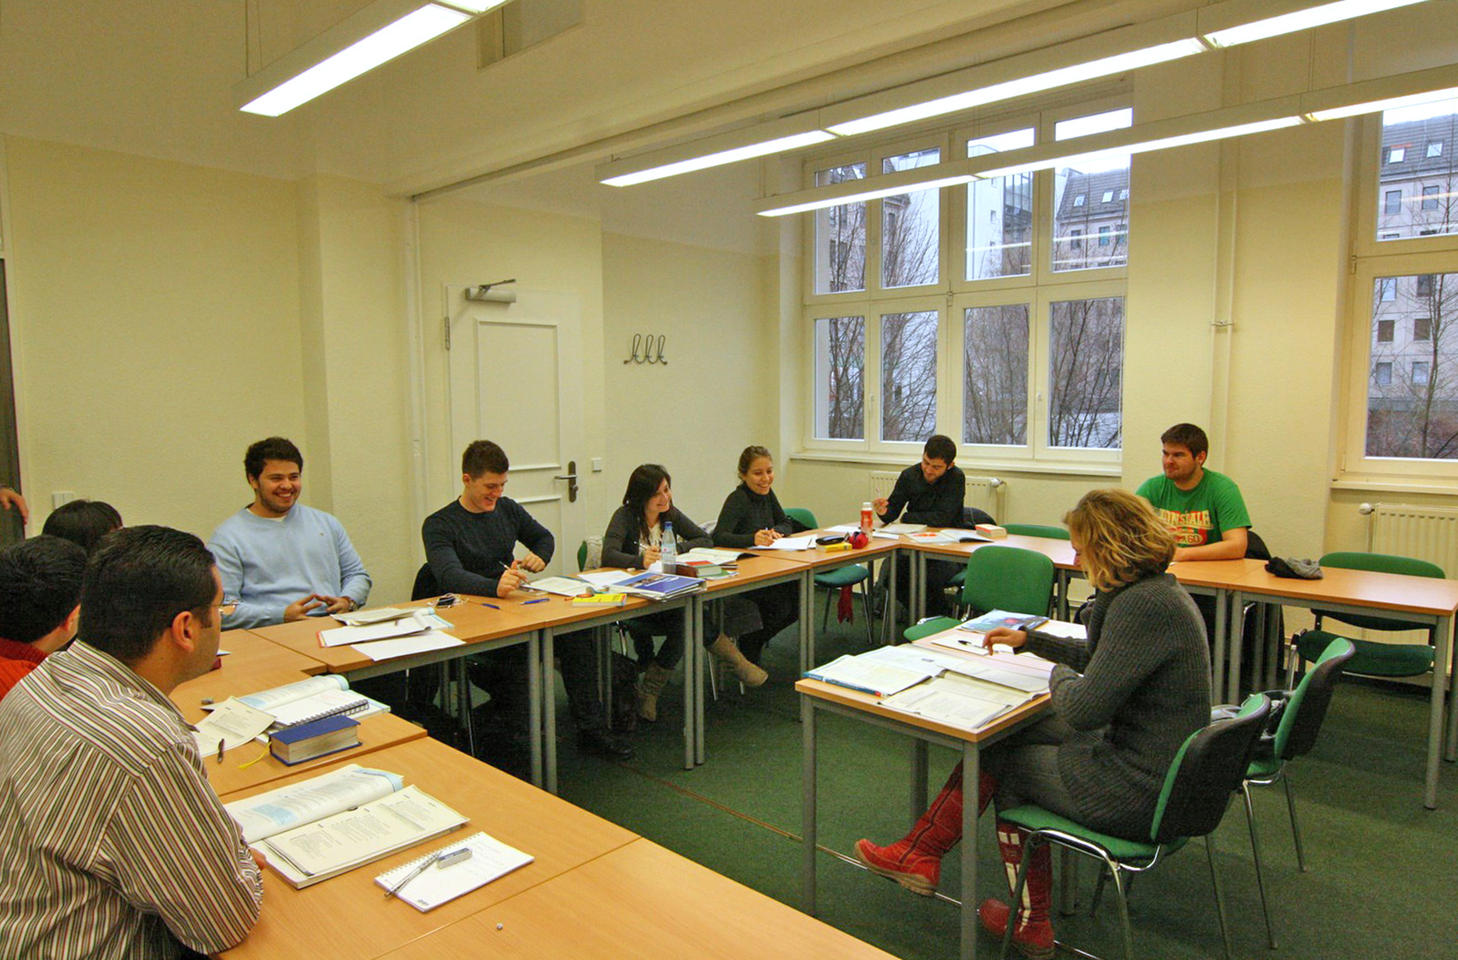 yurtdışı dil eğitimi,global yurtdışı eğitim,berlinde dil eğitimi